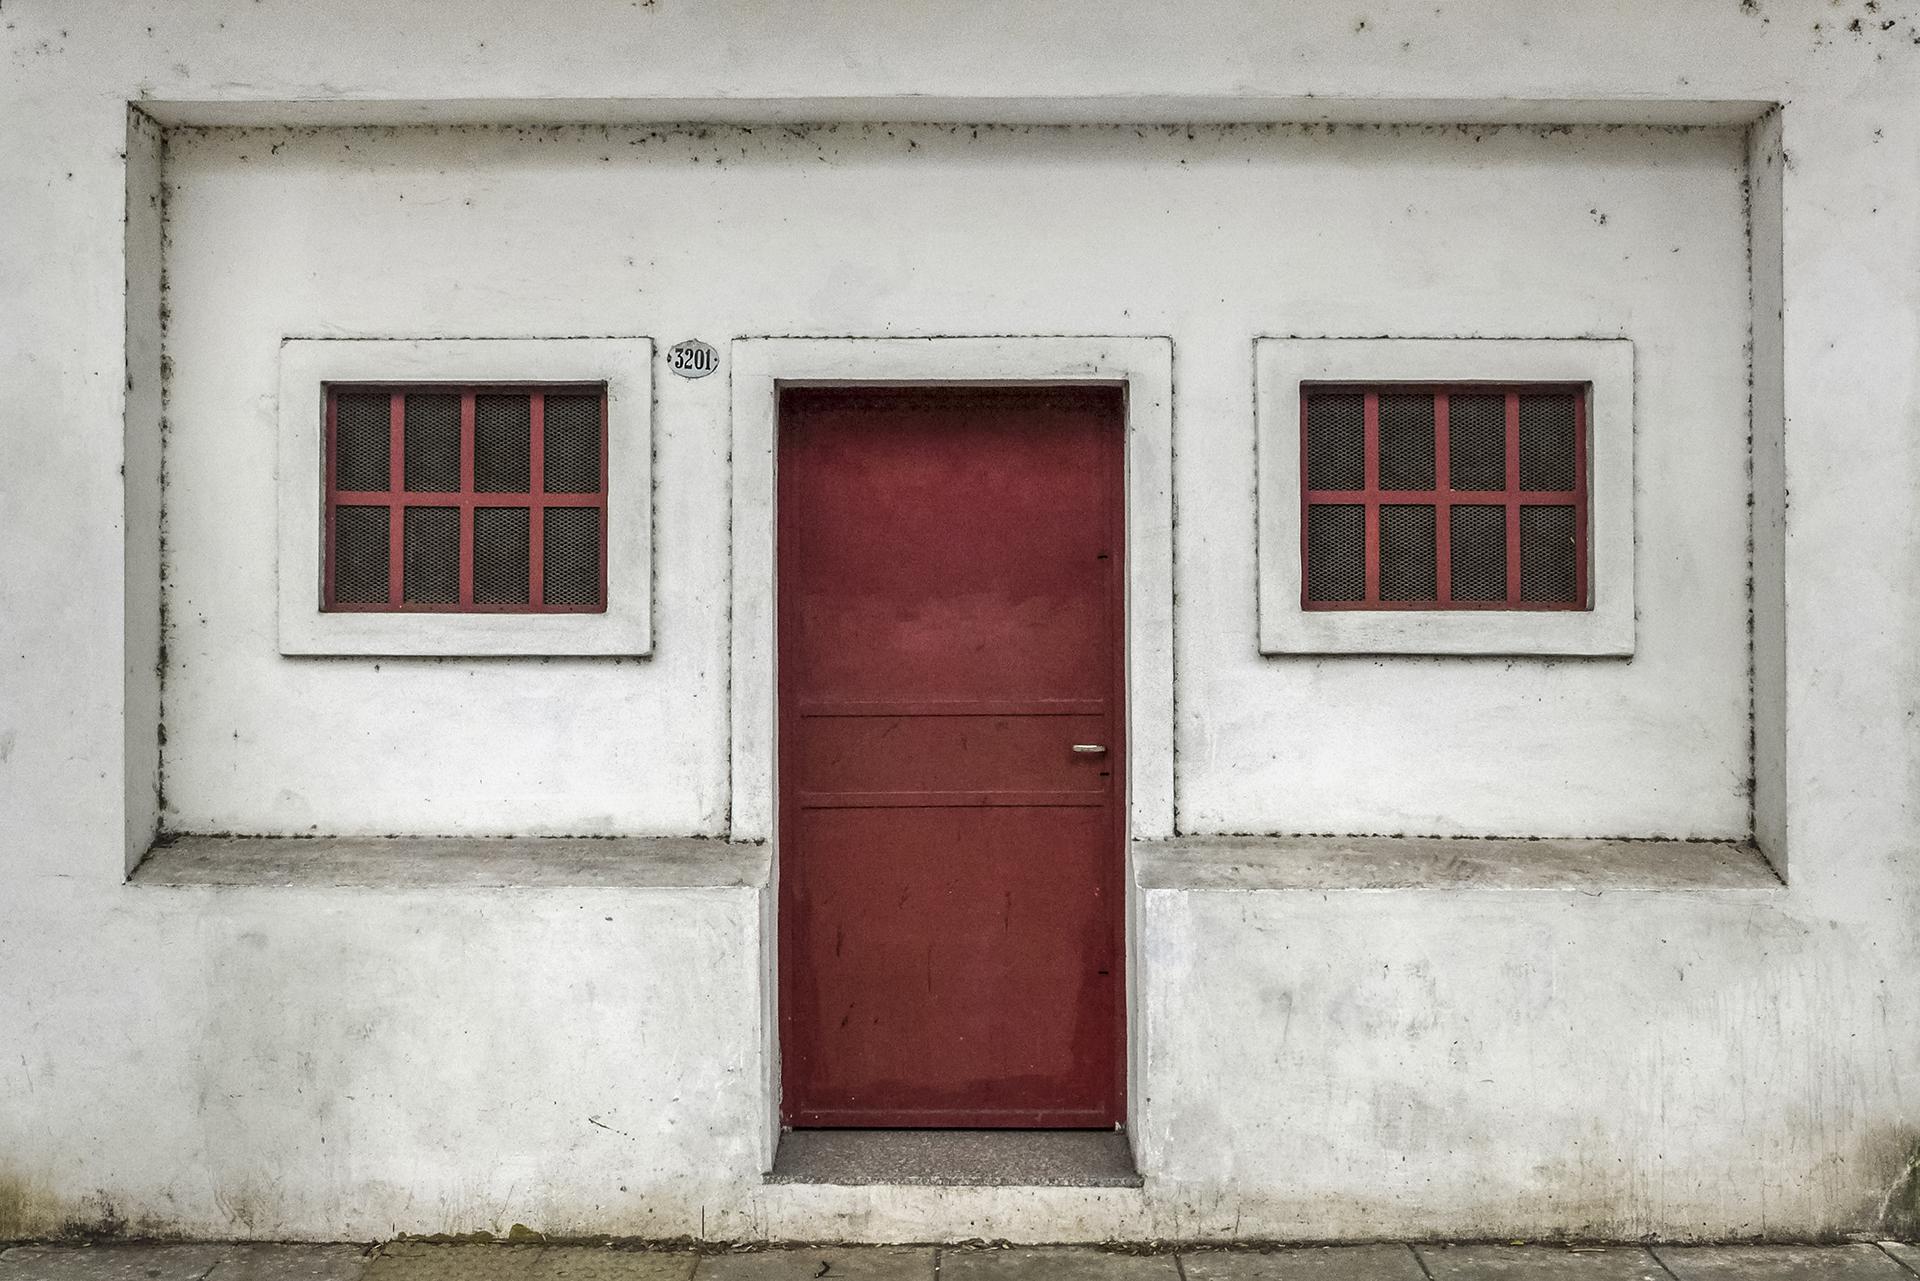 Frente con puerta roja y dos ventanas (BA 2018)